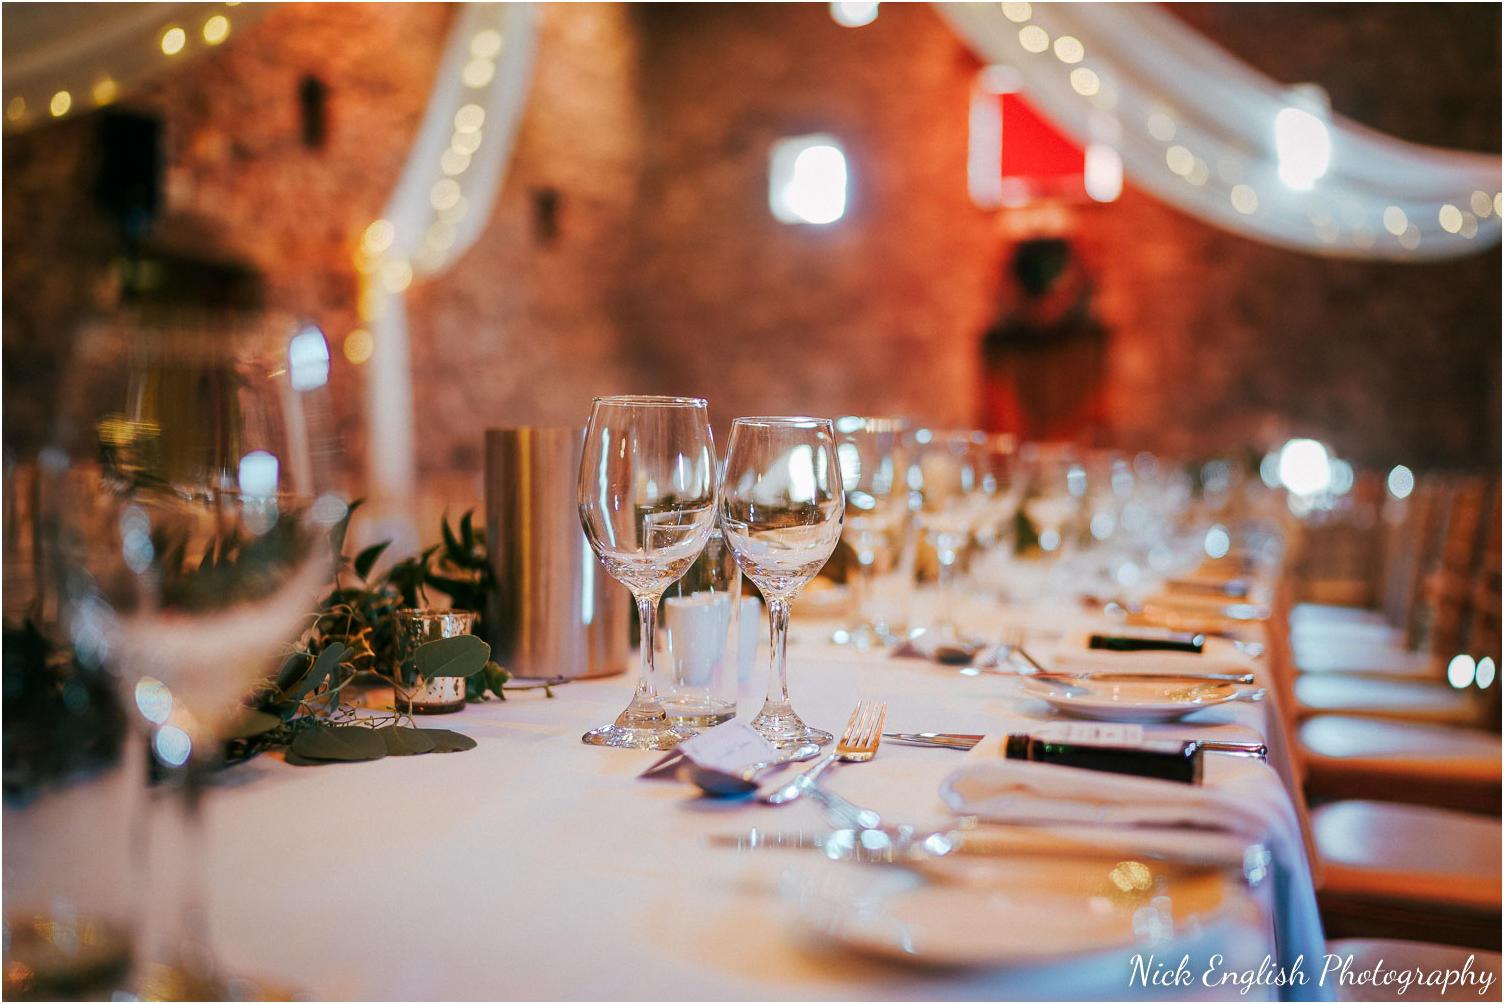 Browsholme_Hall_Barn_Wedding_Nick_English_Photography-93.jpg